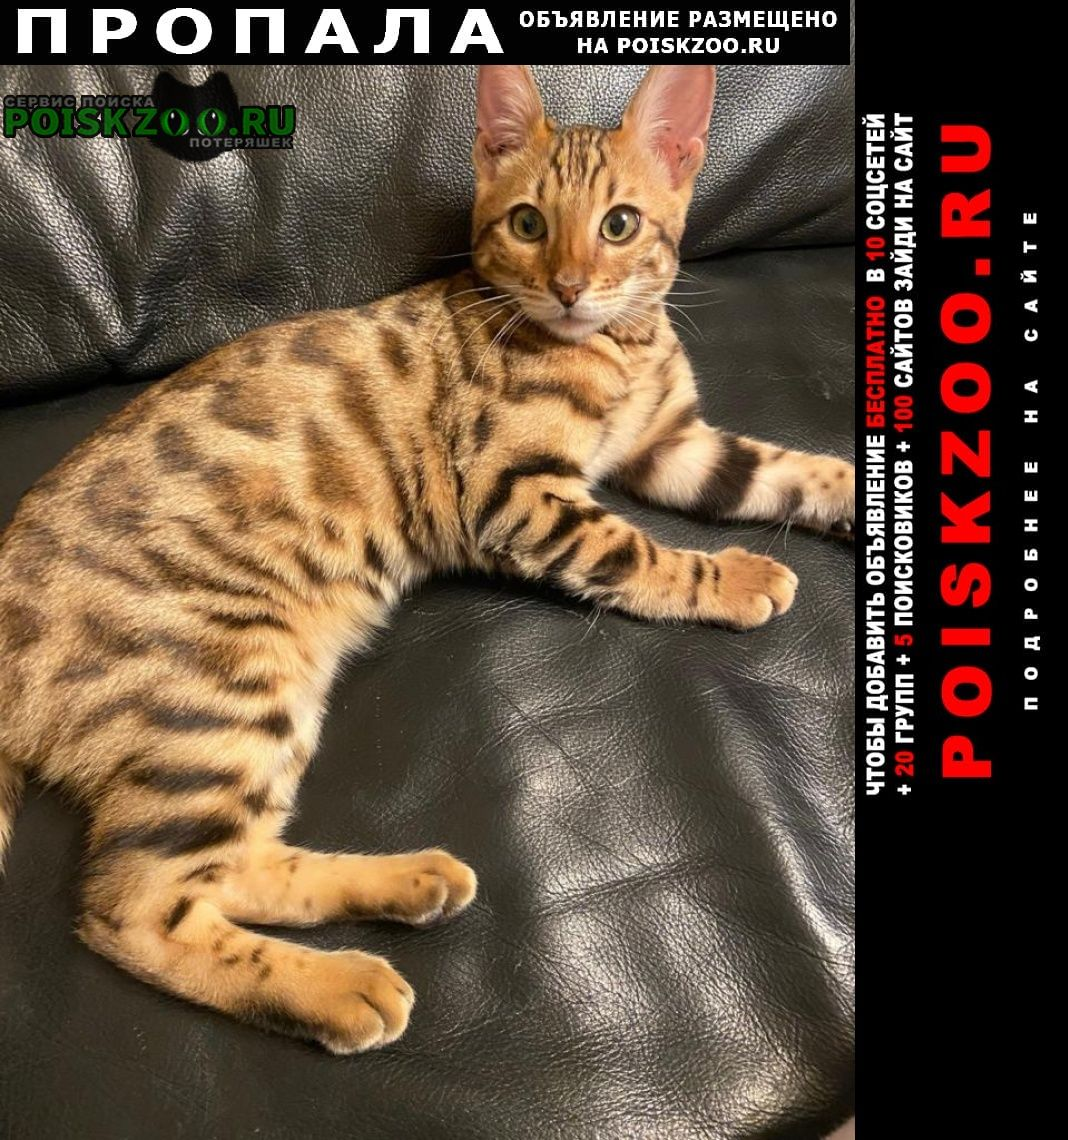 Пропала кошка бенгальская.в районе д. кр Троицк